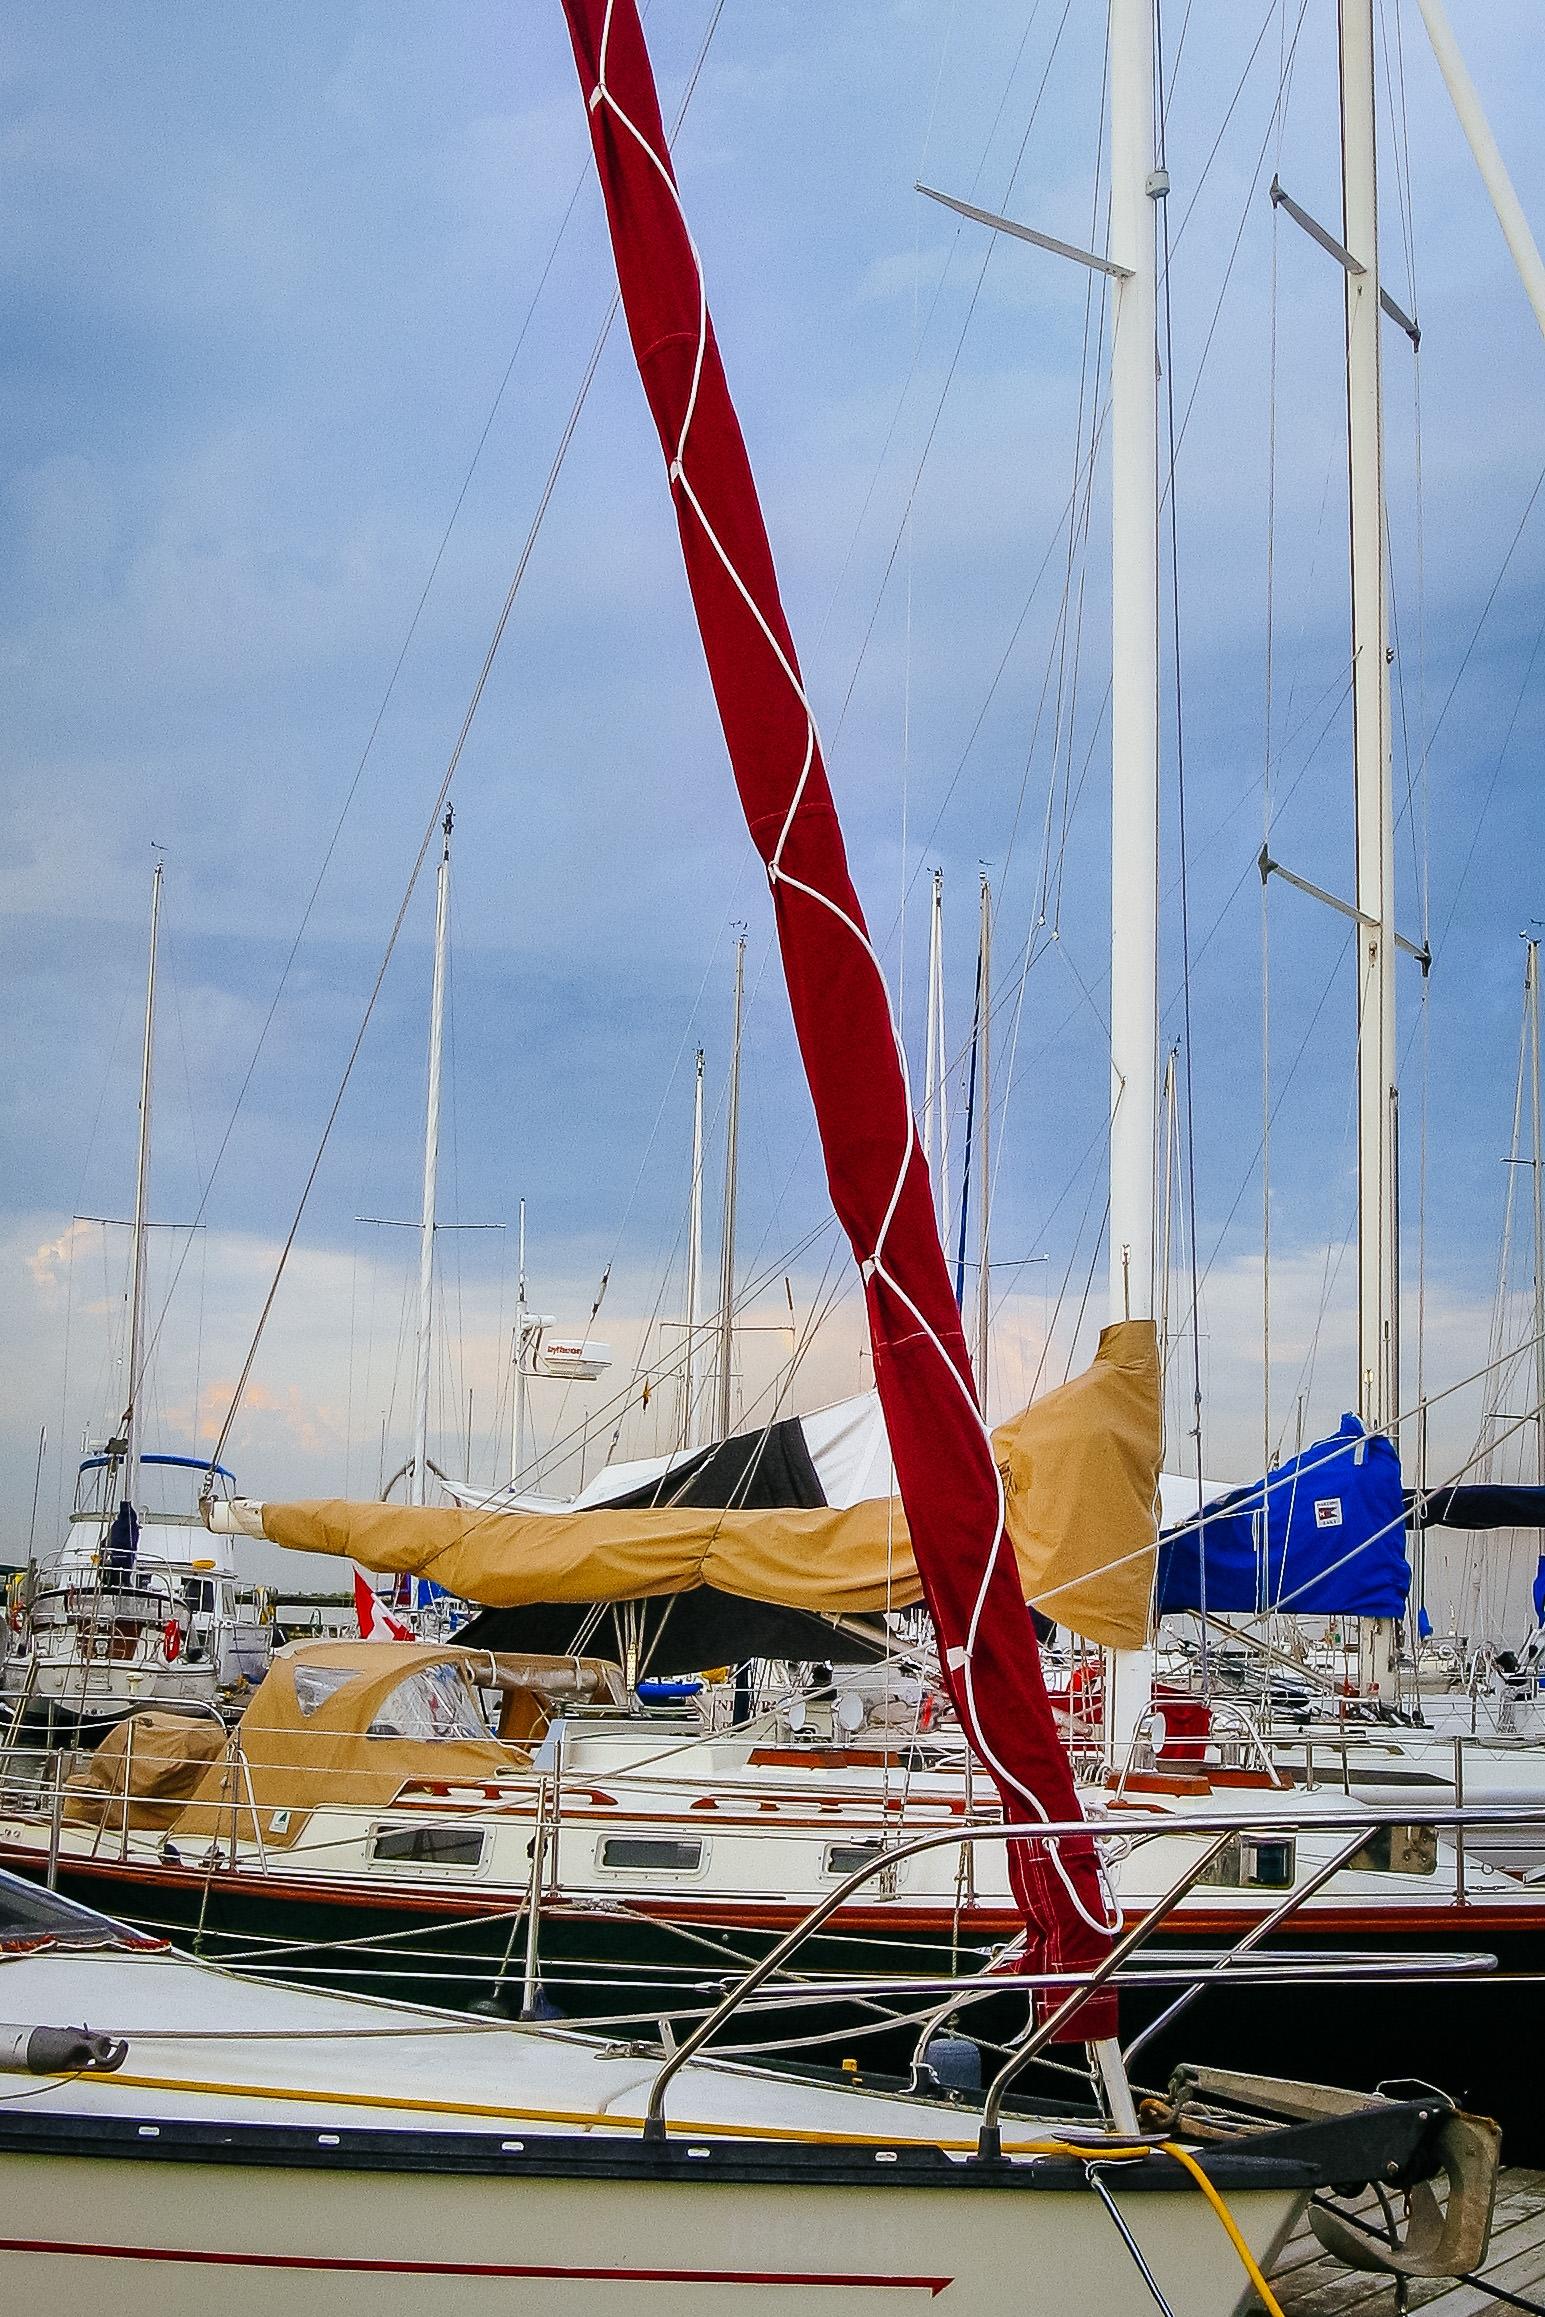 UK Sailmakers Racing Genoa Red Jib Sock